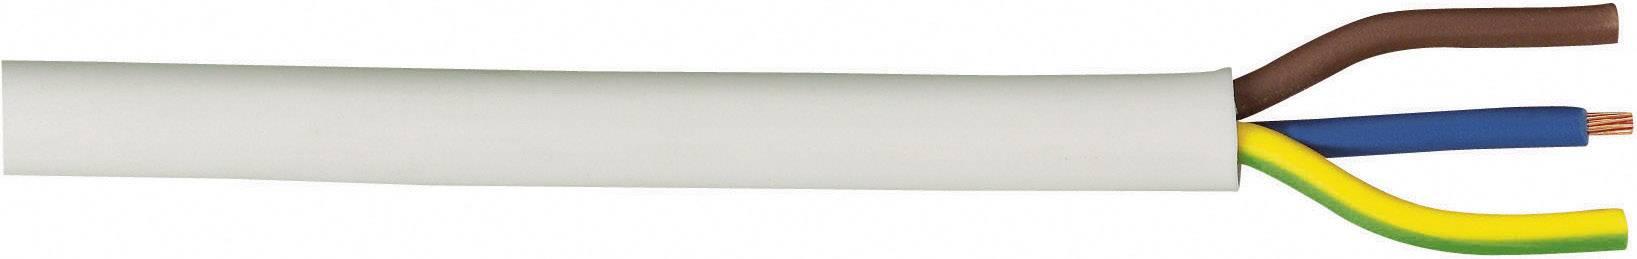 Vícežílový kabel LAPP H05VV-F, 49900078, 3 G 1.50 mm², bílá, 20 m